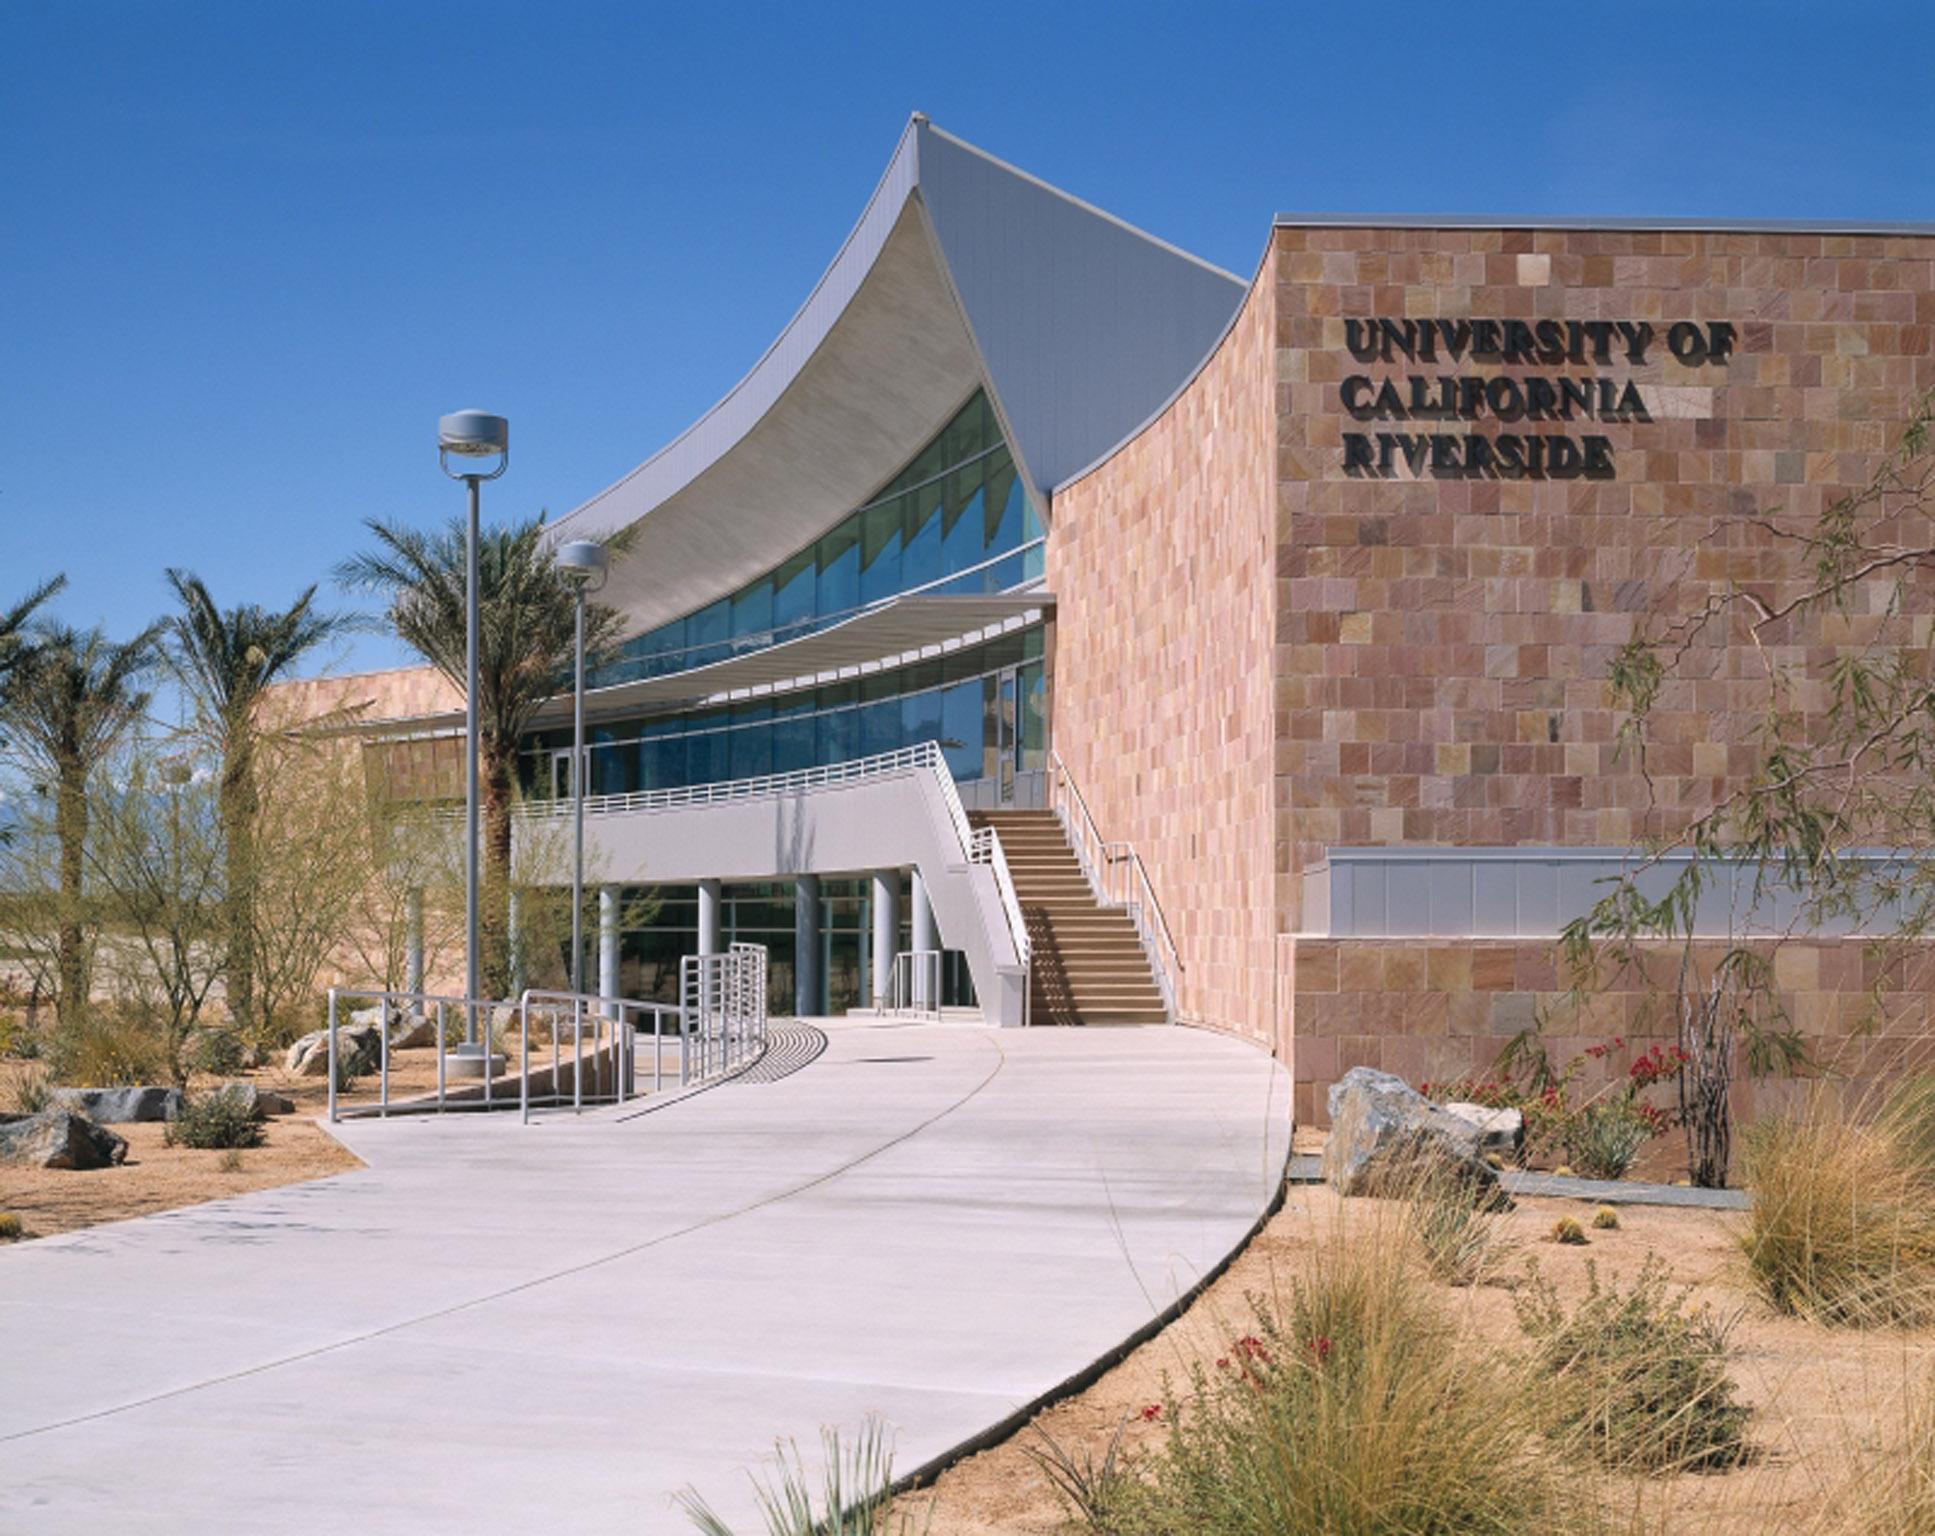 University of California Riverside - Palm Desert